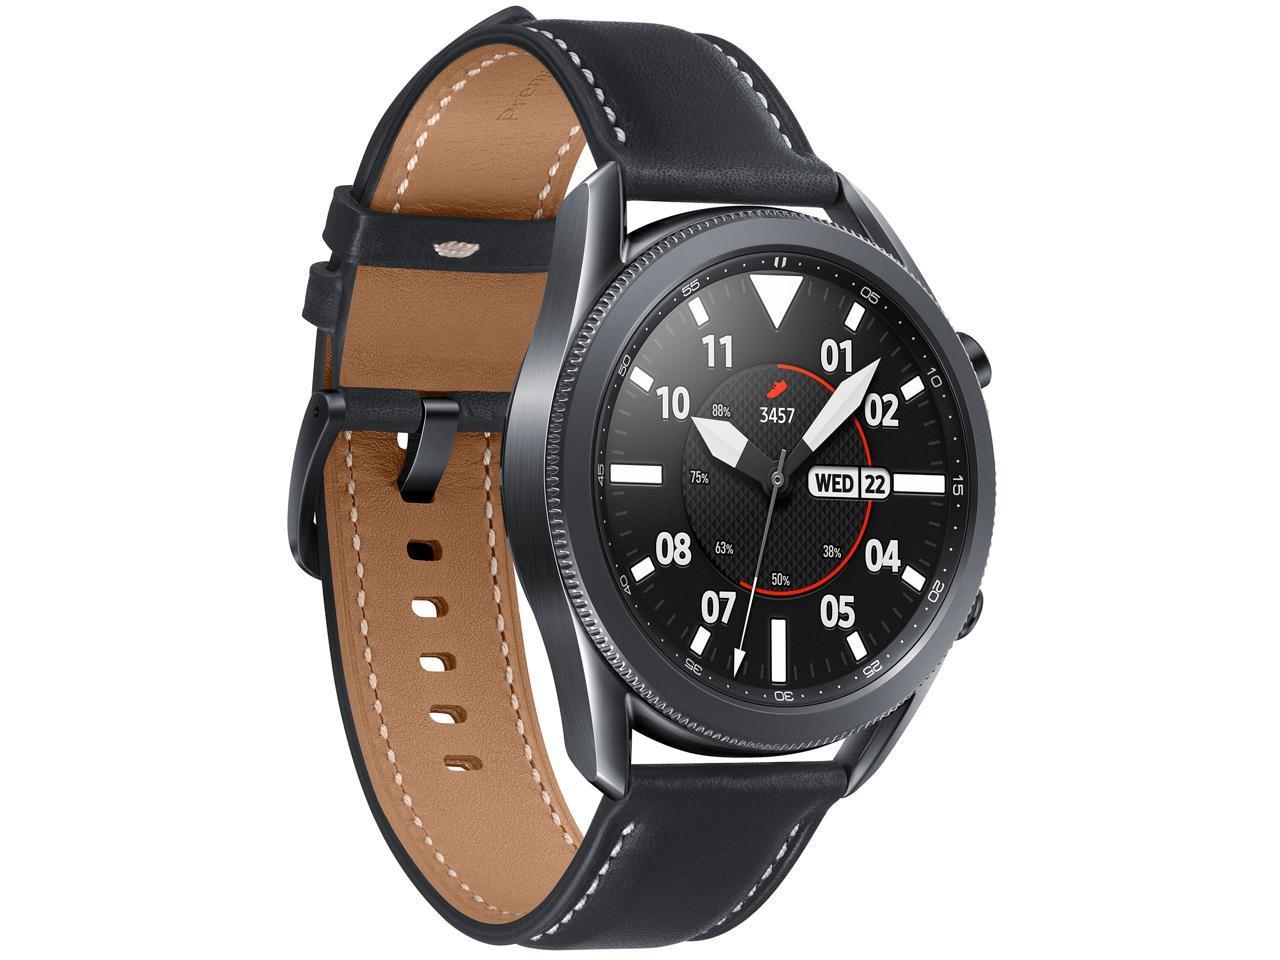 Samsung Galaxy Watch 3 SM-R840NZKCXAR Smartwatch (Mystic Black w/ Bonus Band Included) $179.99